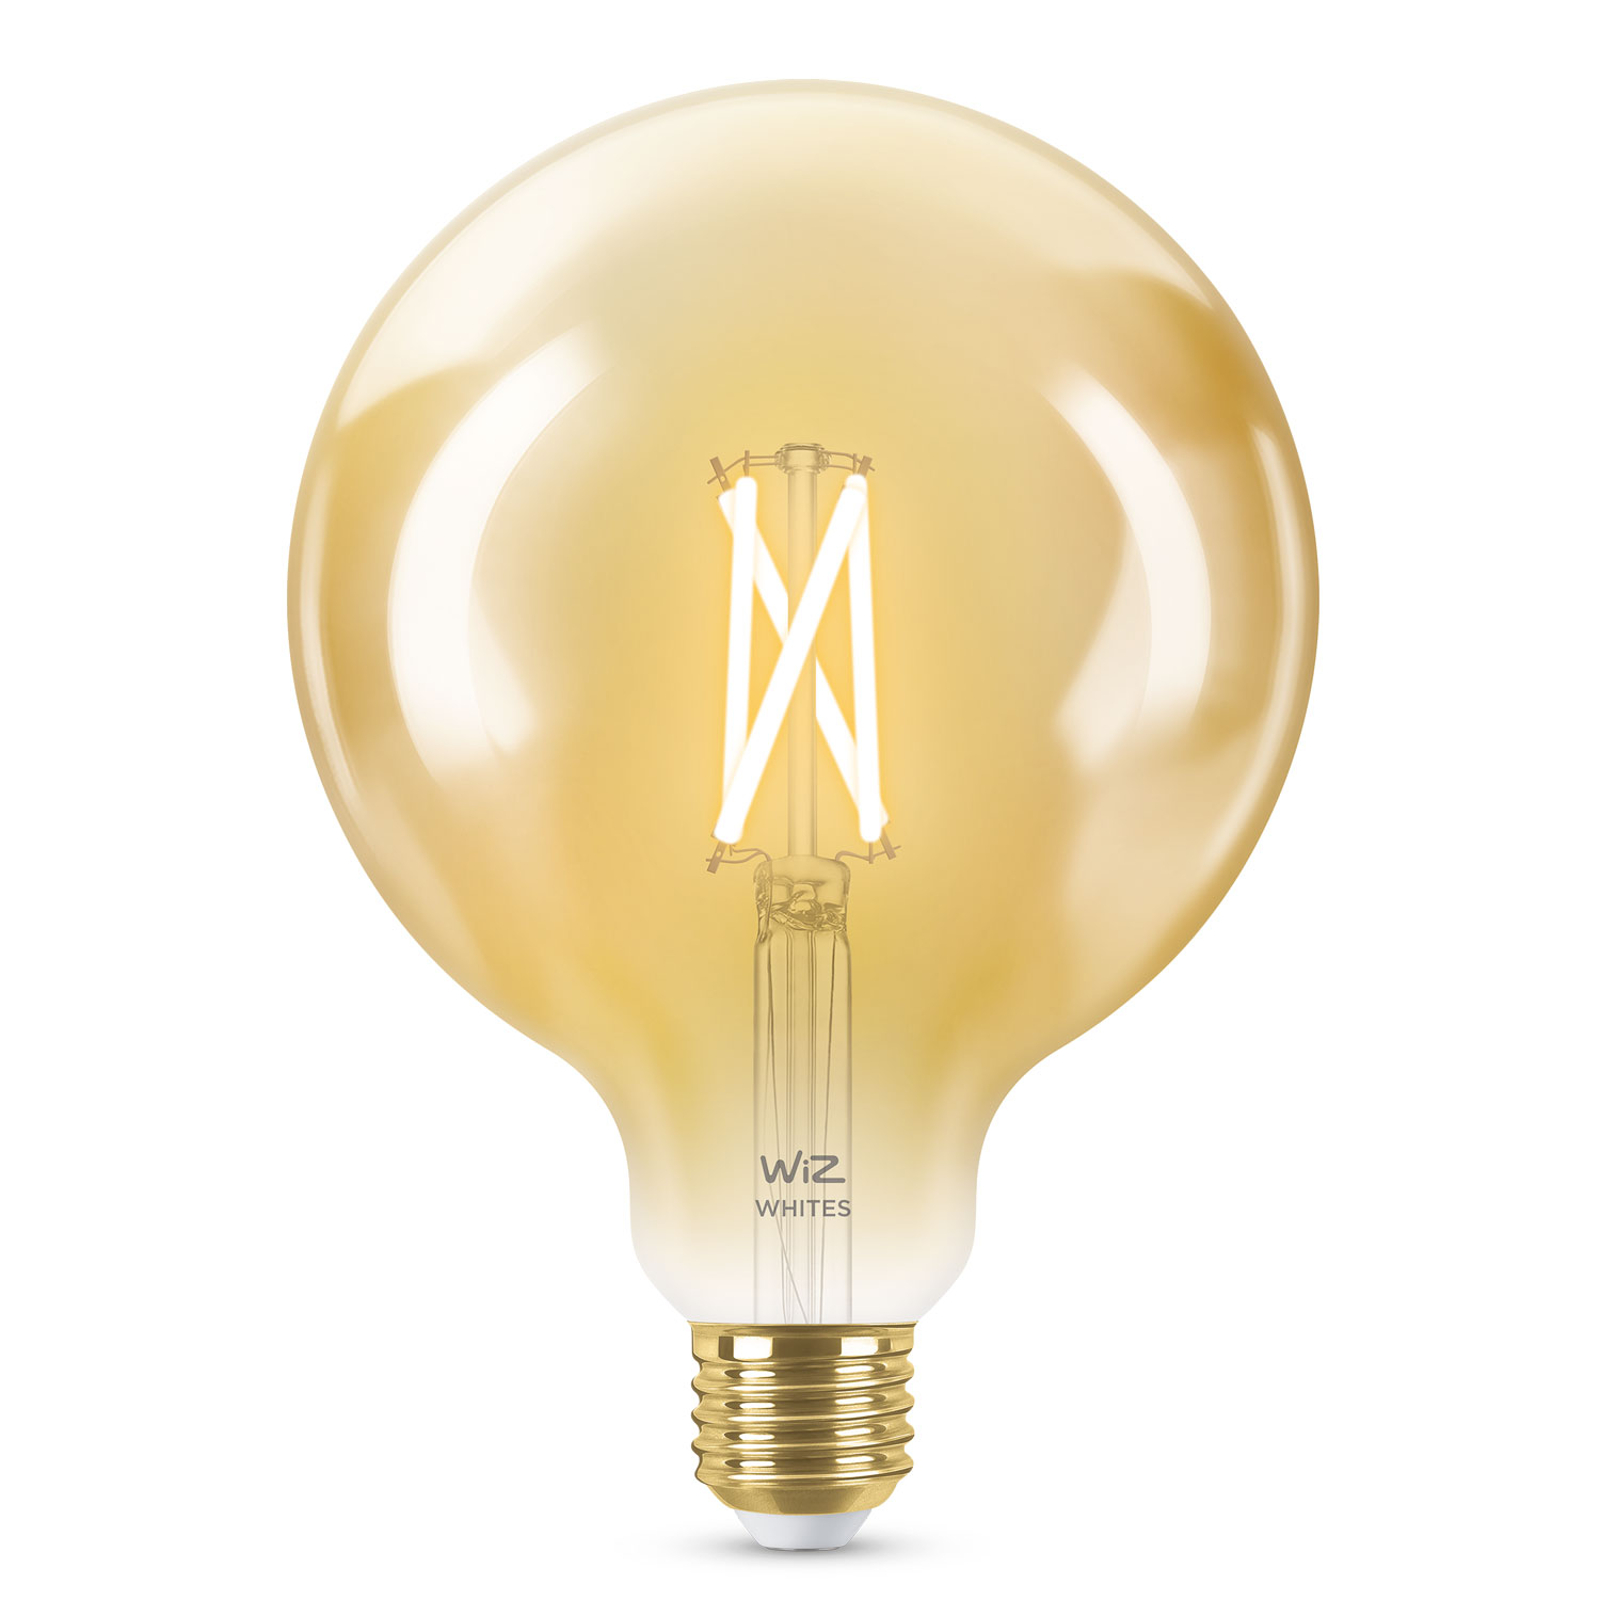 WiZ E27 LED G125 filamenti ambra 6,5W 2.000-4.500K